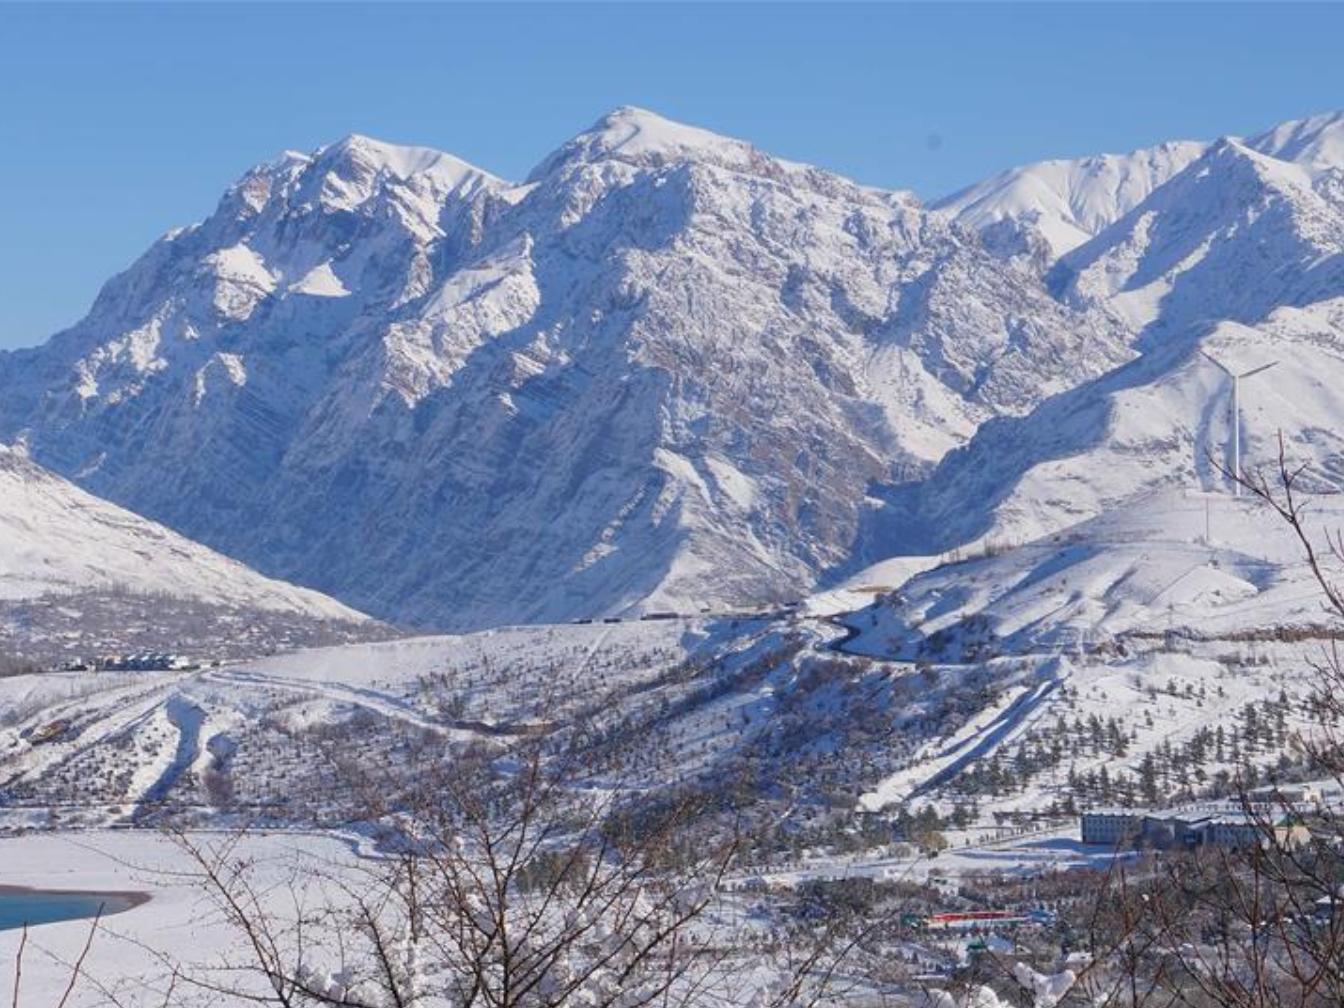 Winter view of mountainous area nearby Tashkent, Uzbekistan